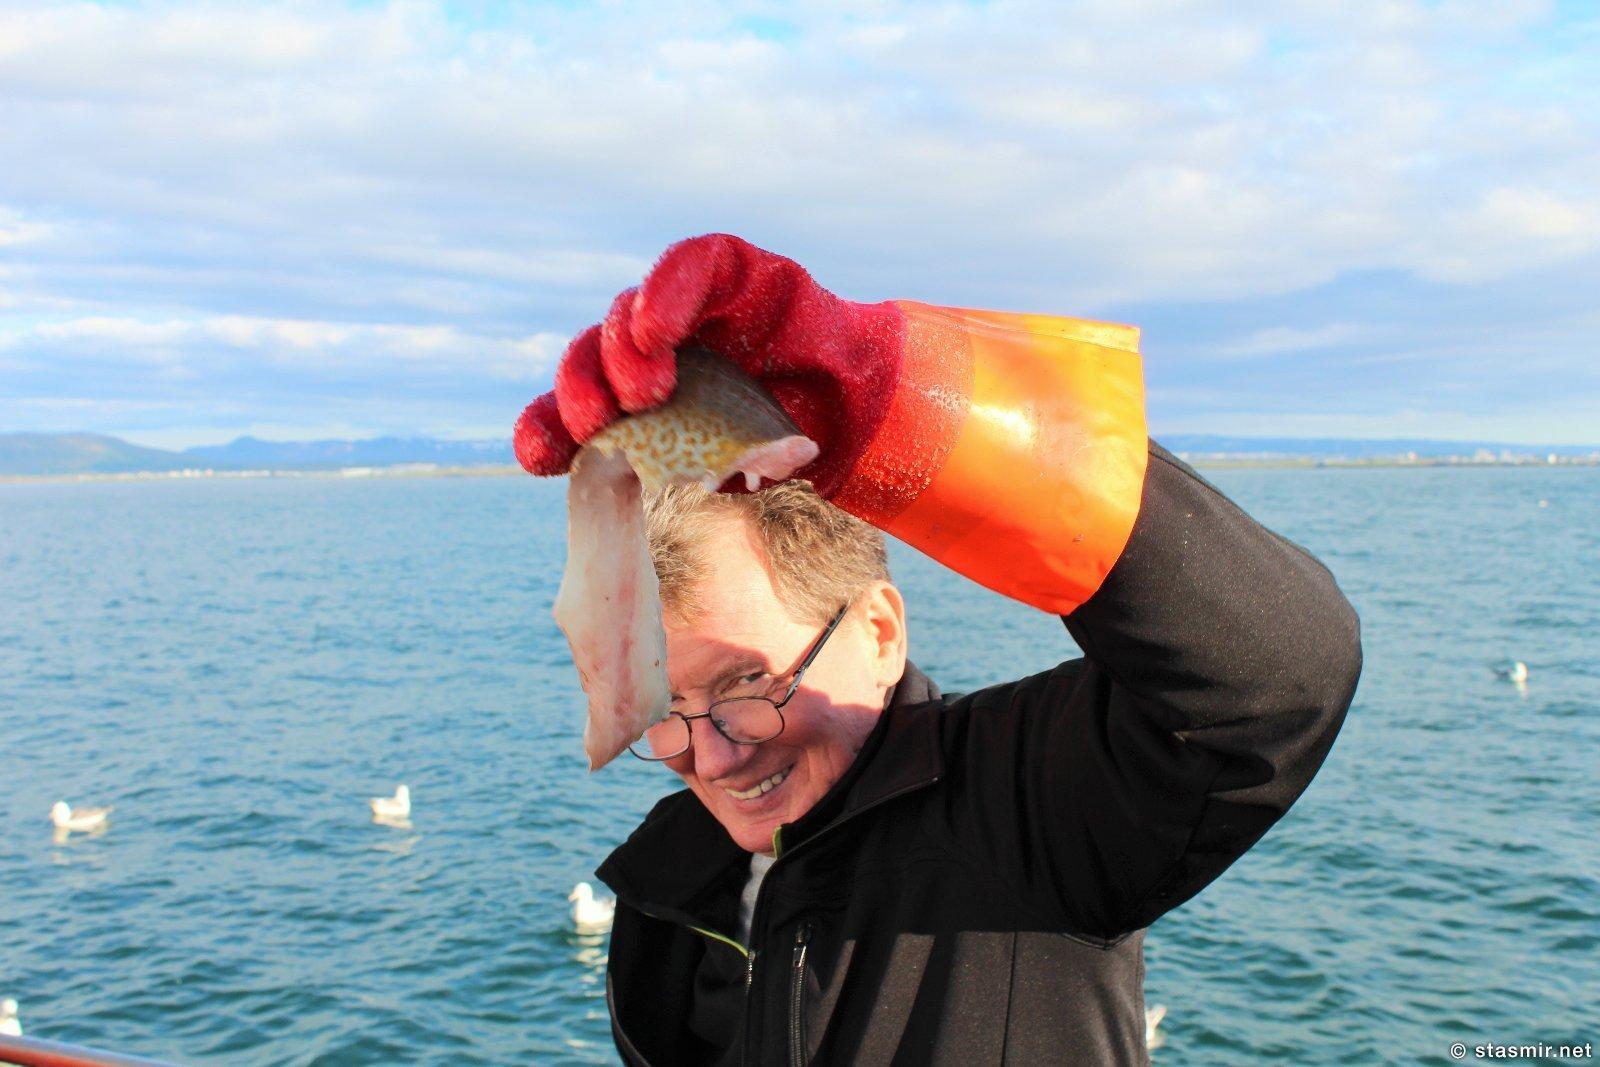 Сигги разделывает треску: морская рыбалка из Рейкьявика, Исландия, фото Стасмир, photo Stasmir